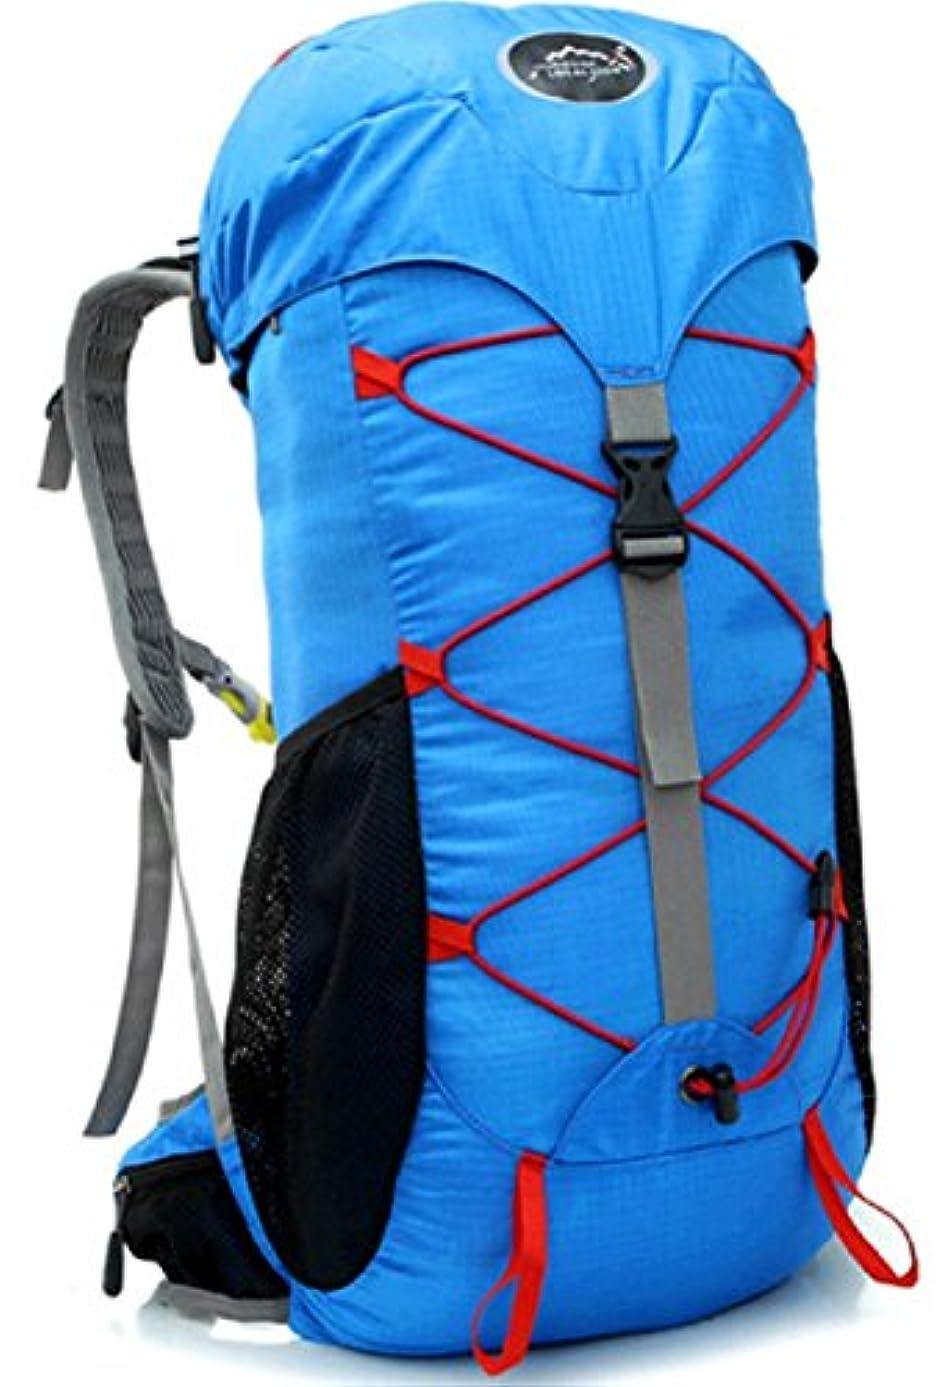 コック織機付属品(バラピカ) Barapyca 全7色 サイクリング リュック デイバッグ 容量35L 重量600g 防水 撥水